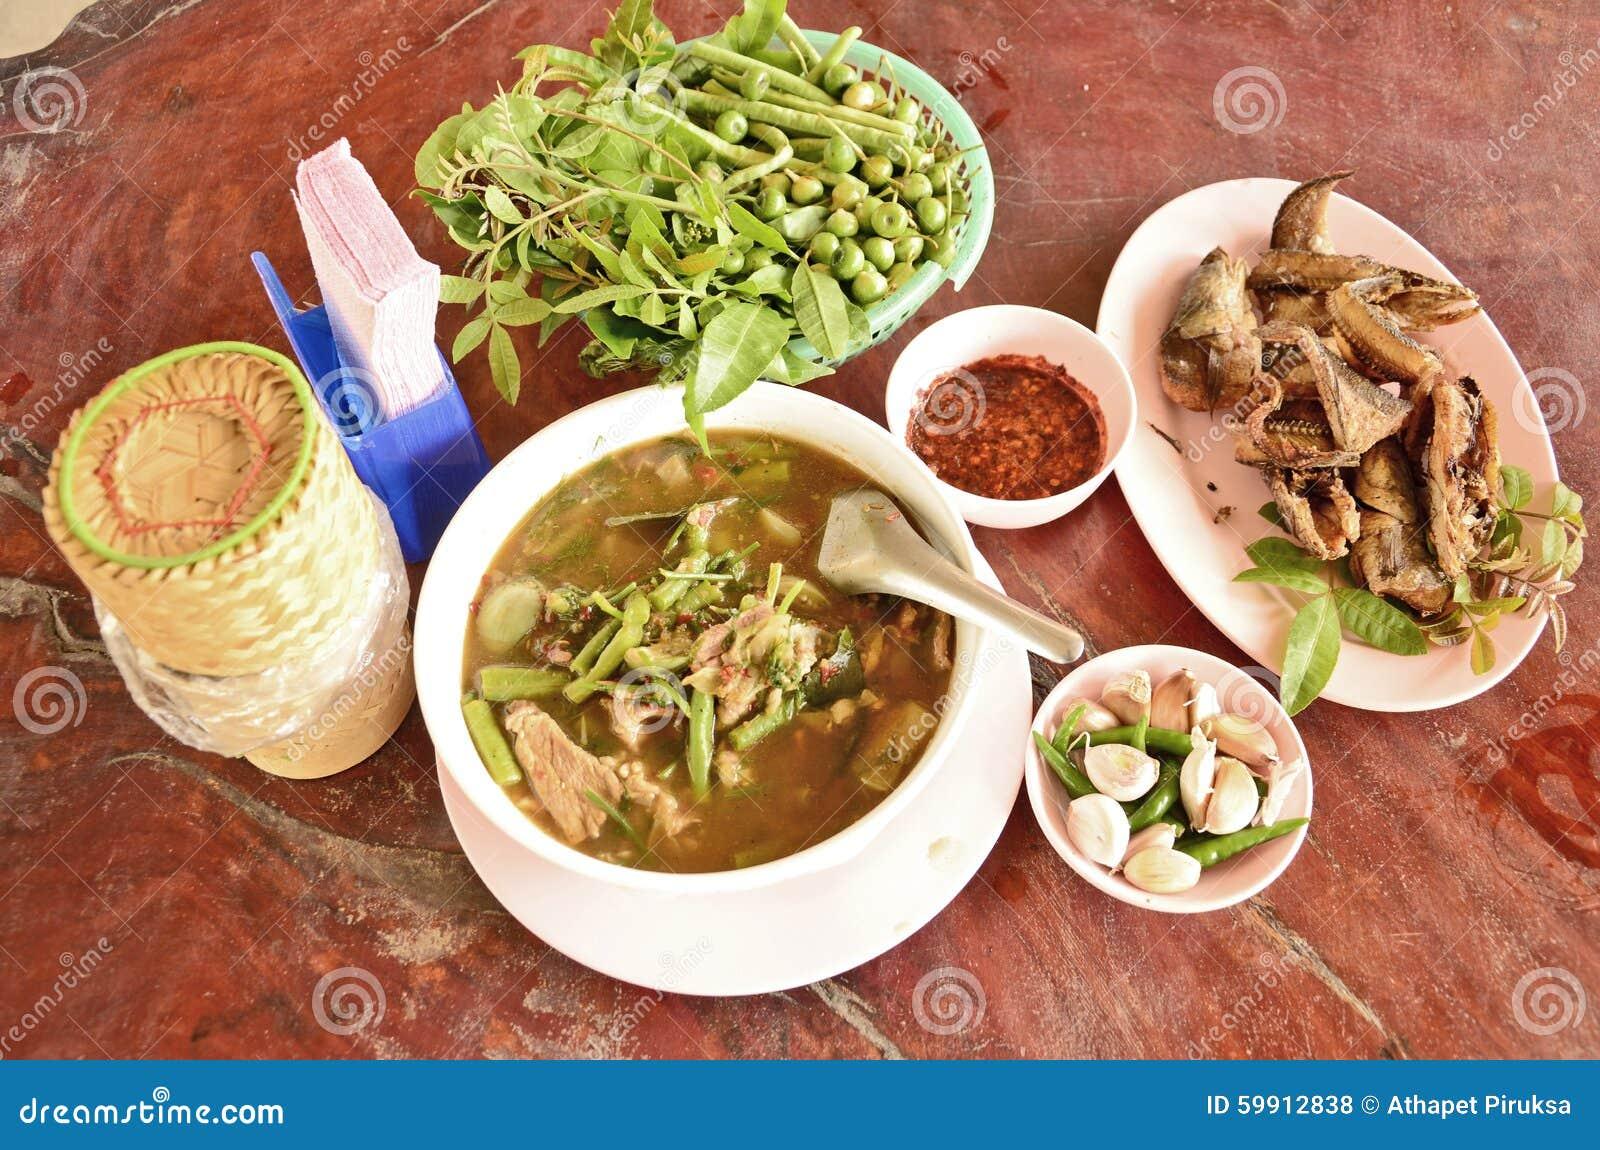 Palatable Thai local food set